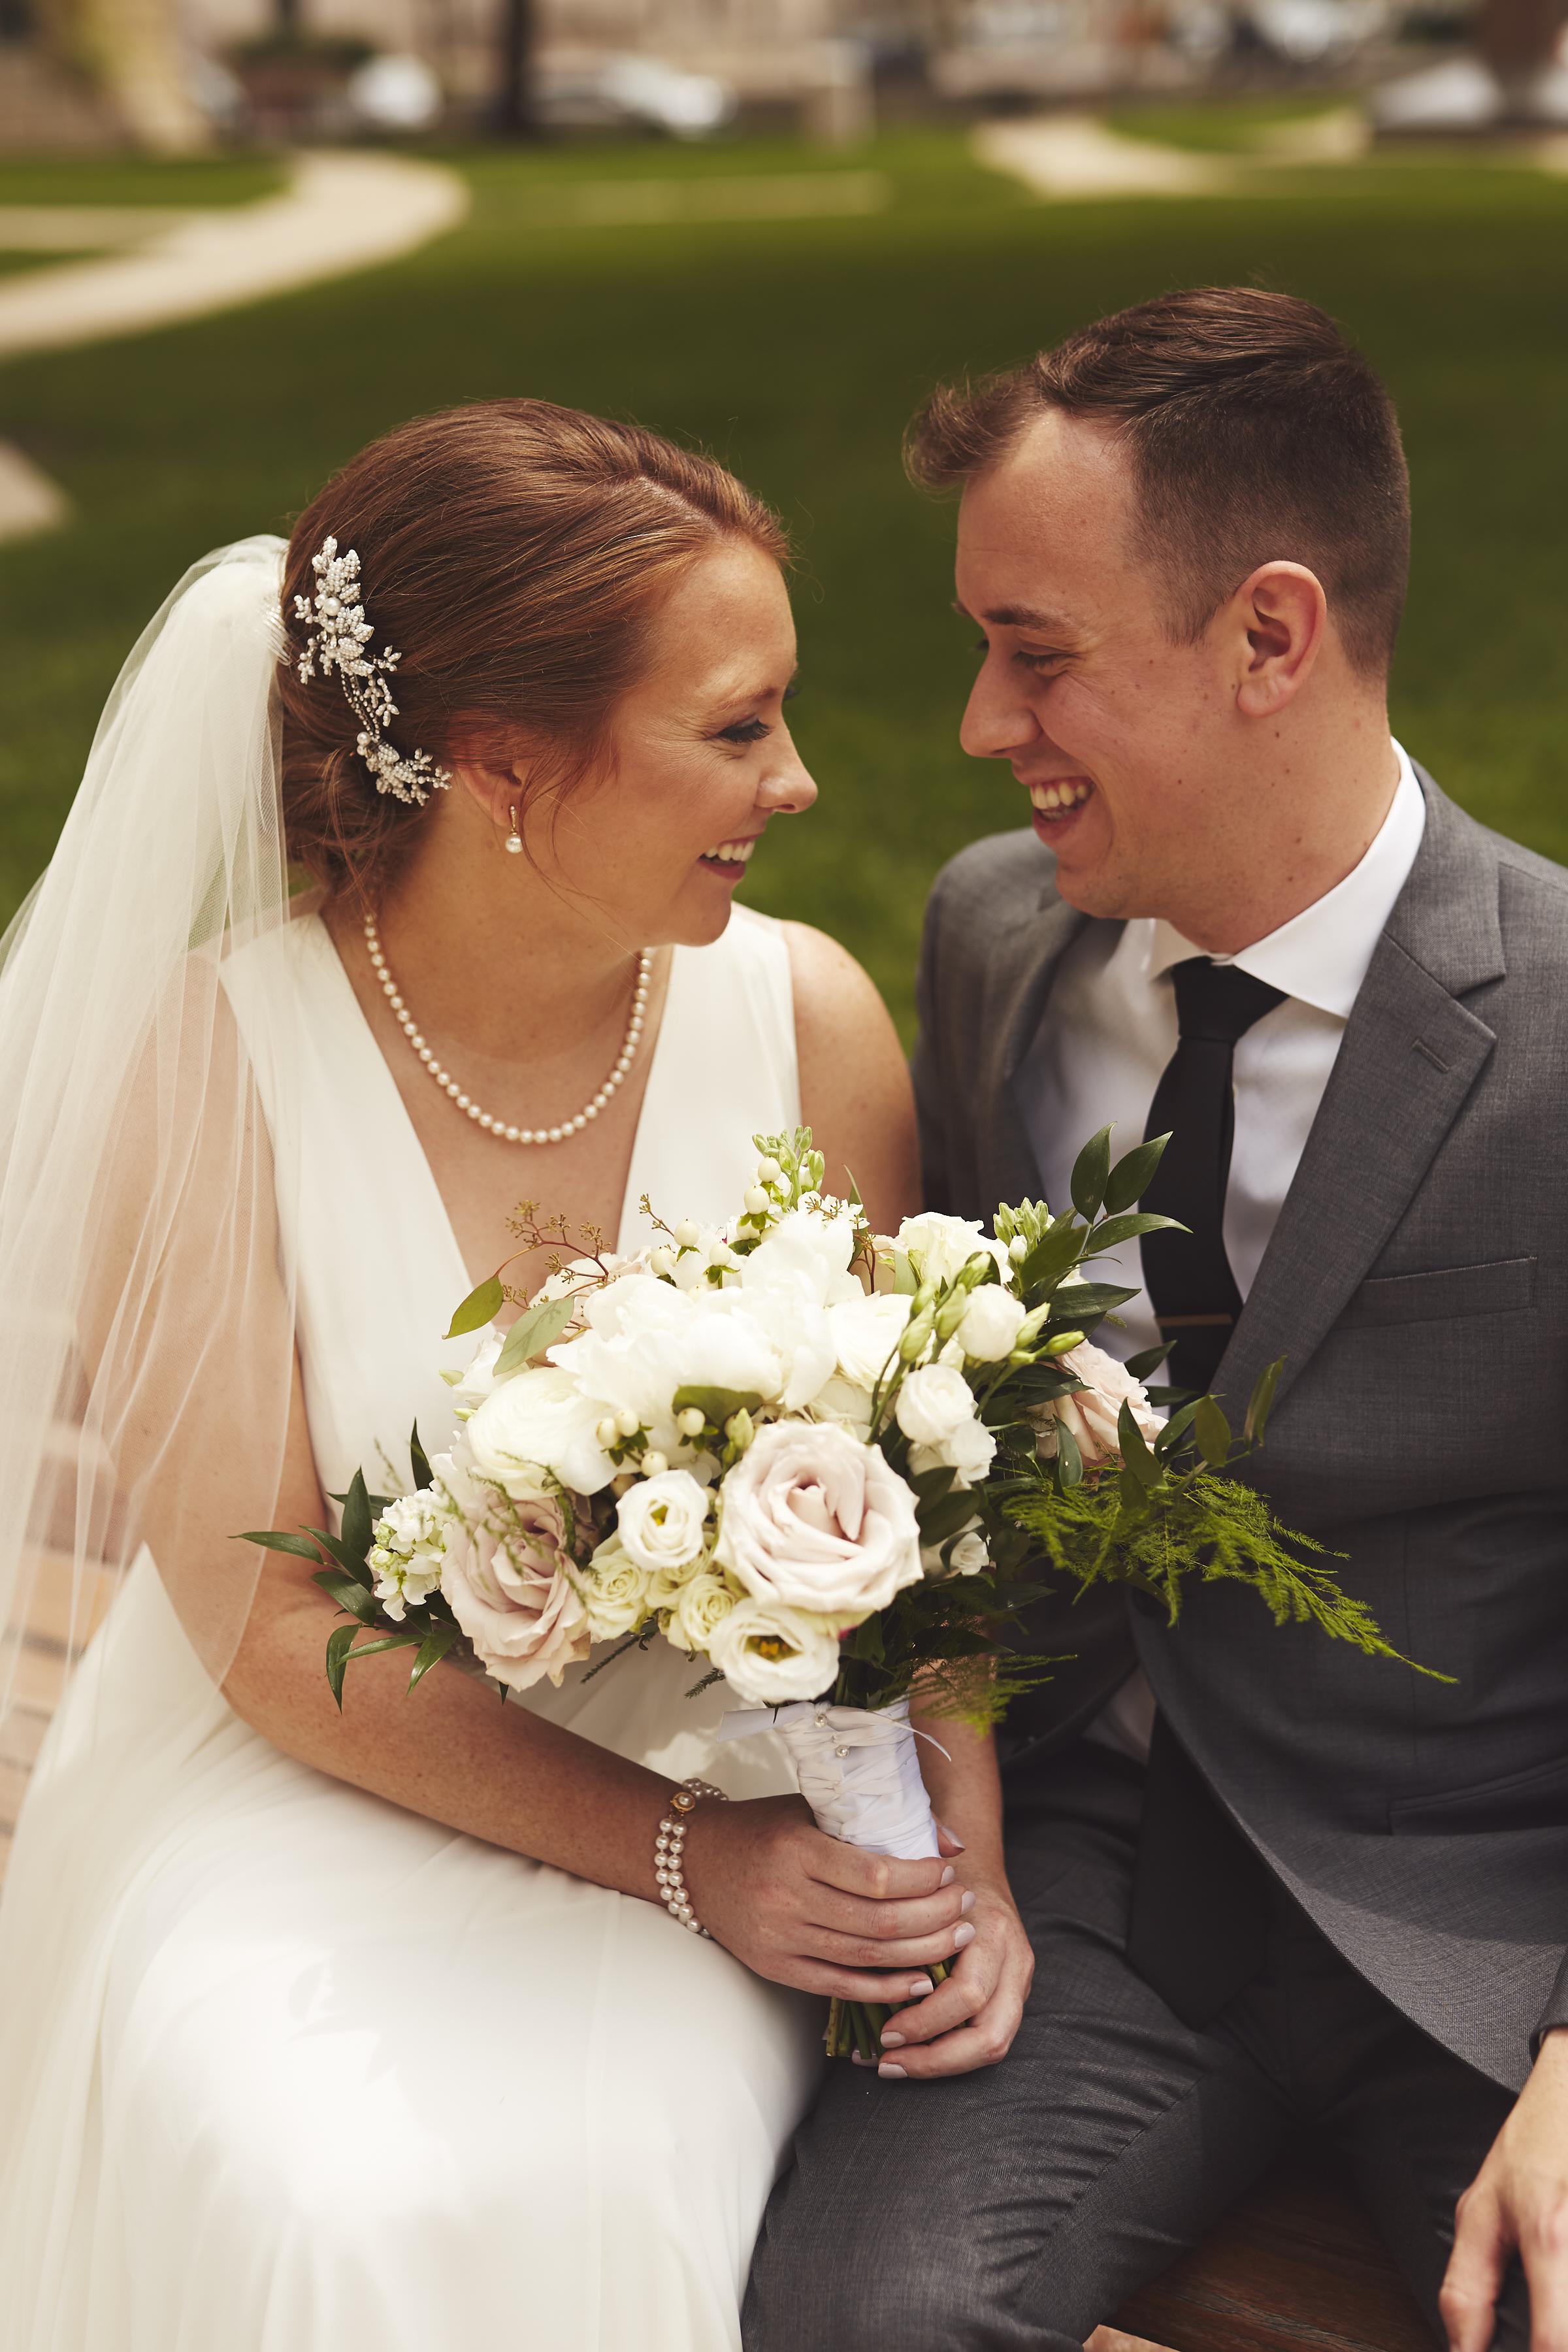 Kathleen & Troy - Ben Romang Photo - 6I5A7860.jpg